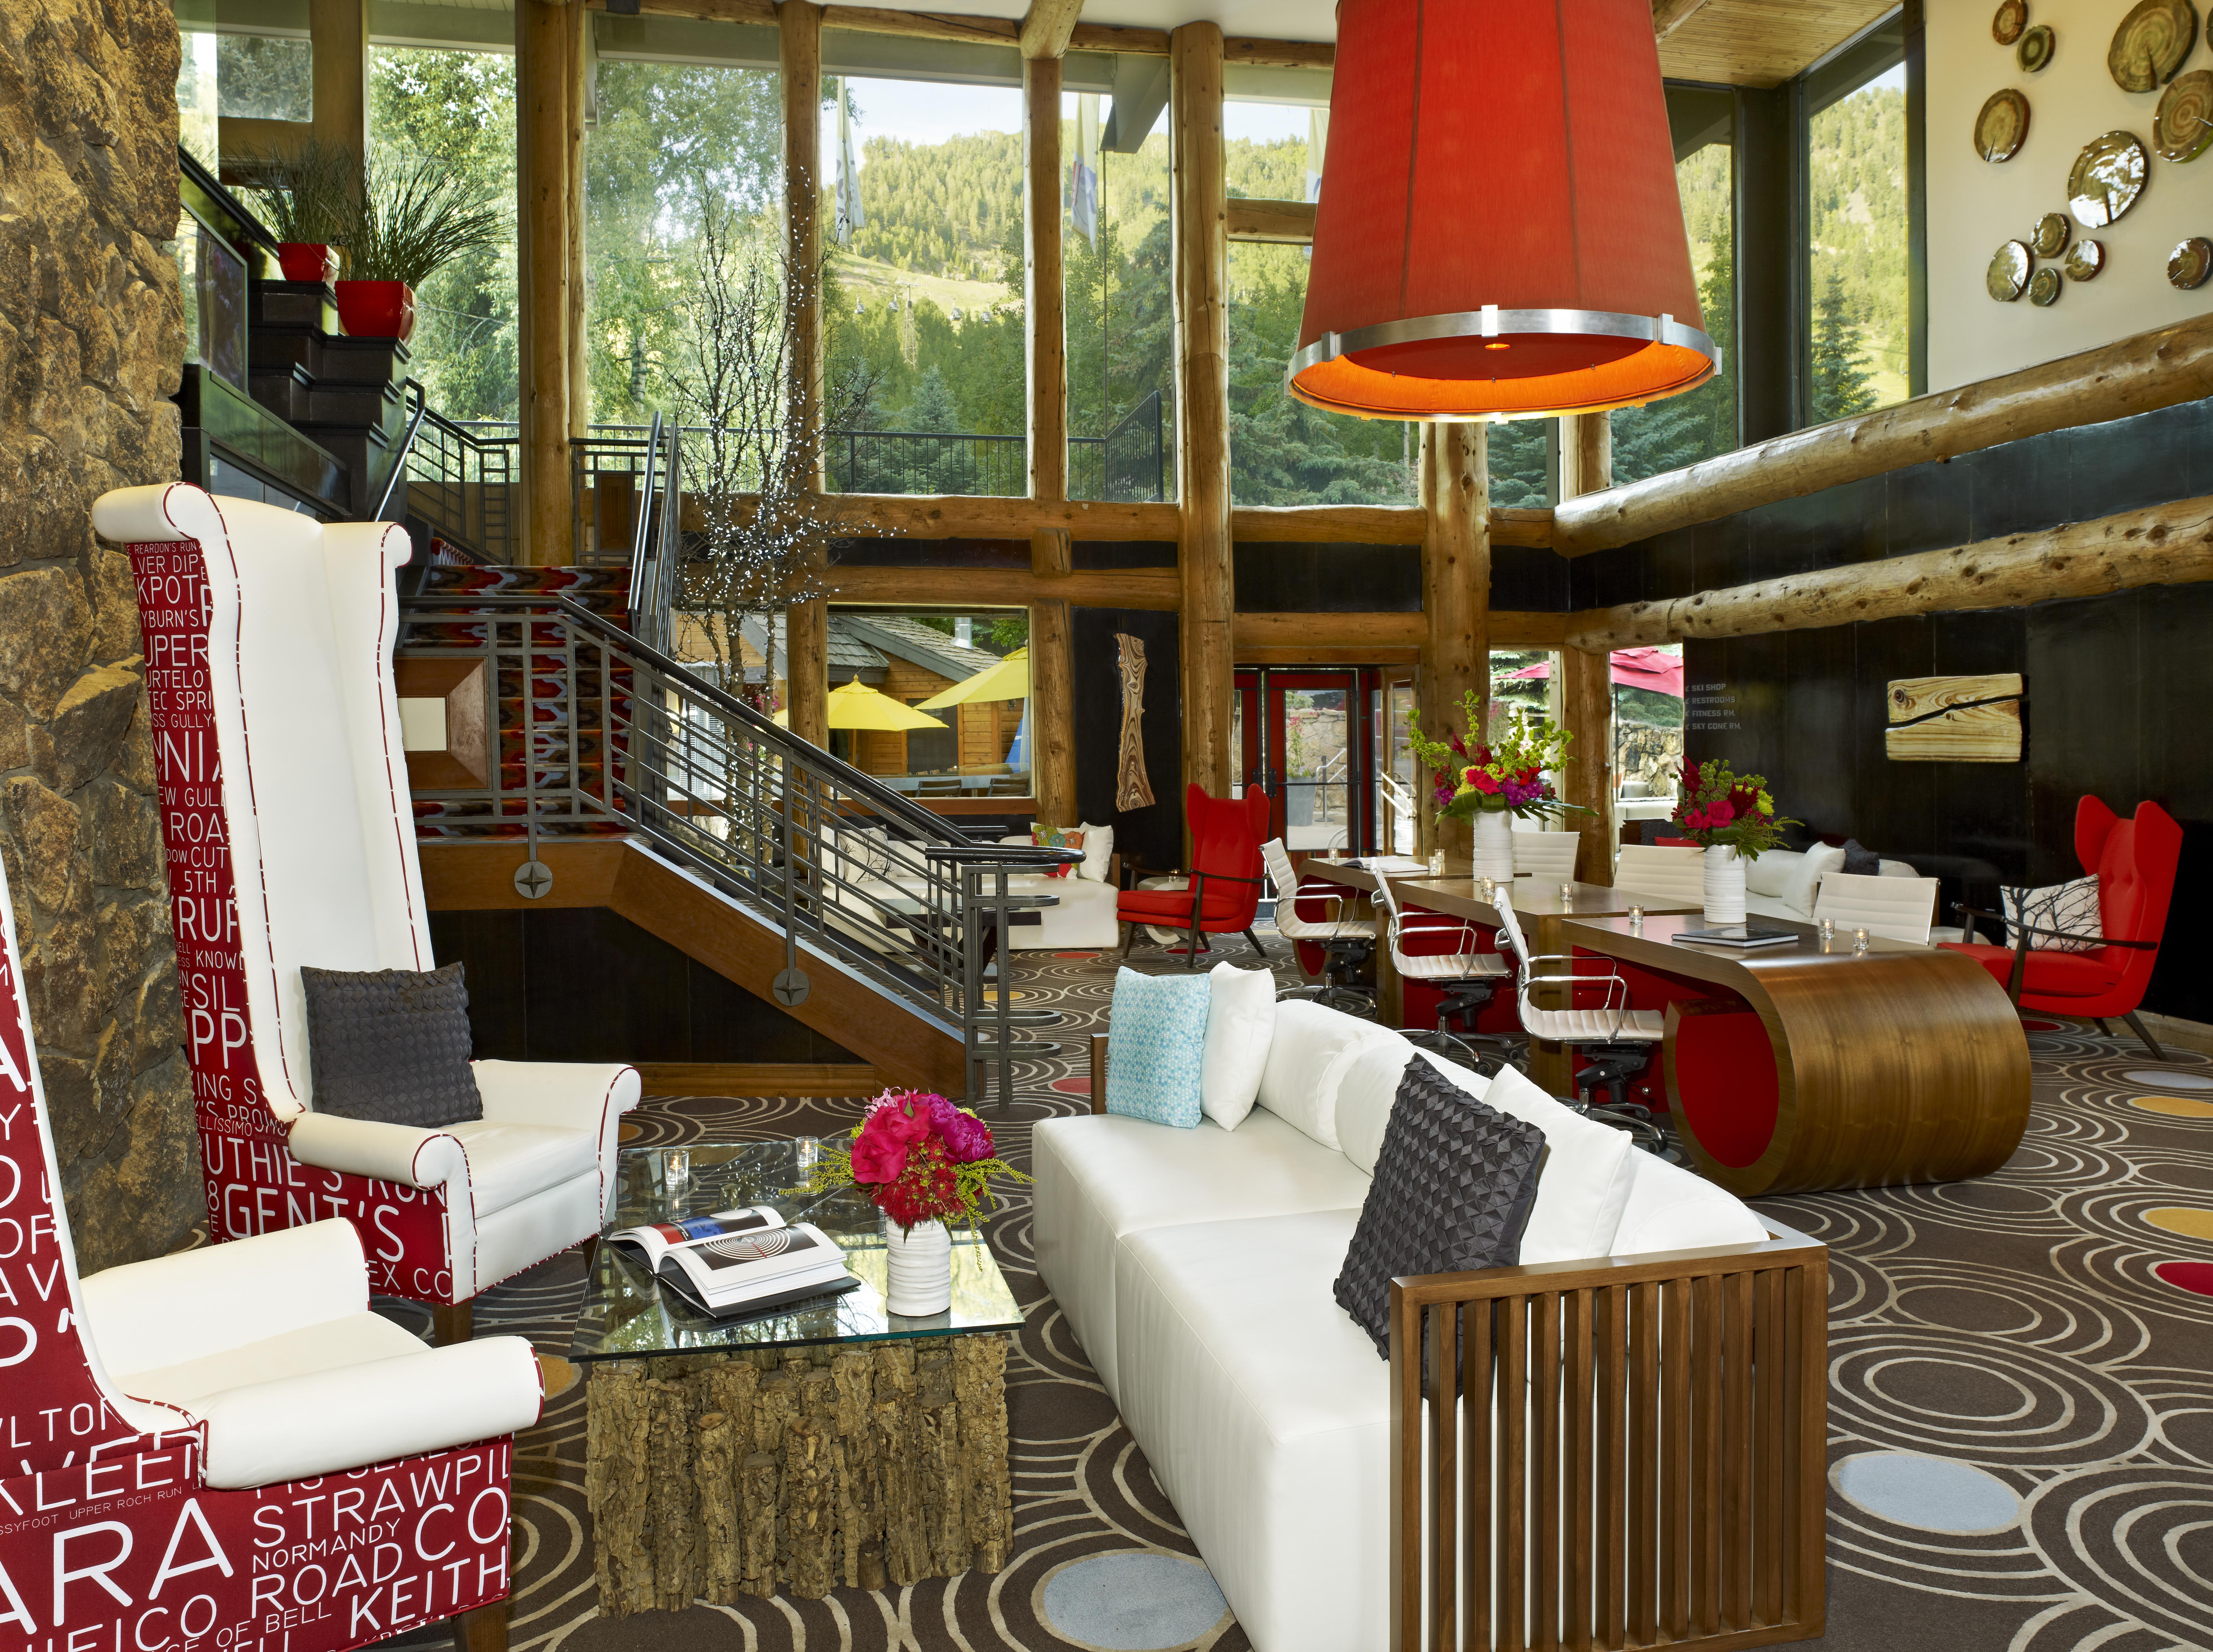 Идея по оформлению небольшого гостиничного холла